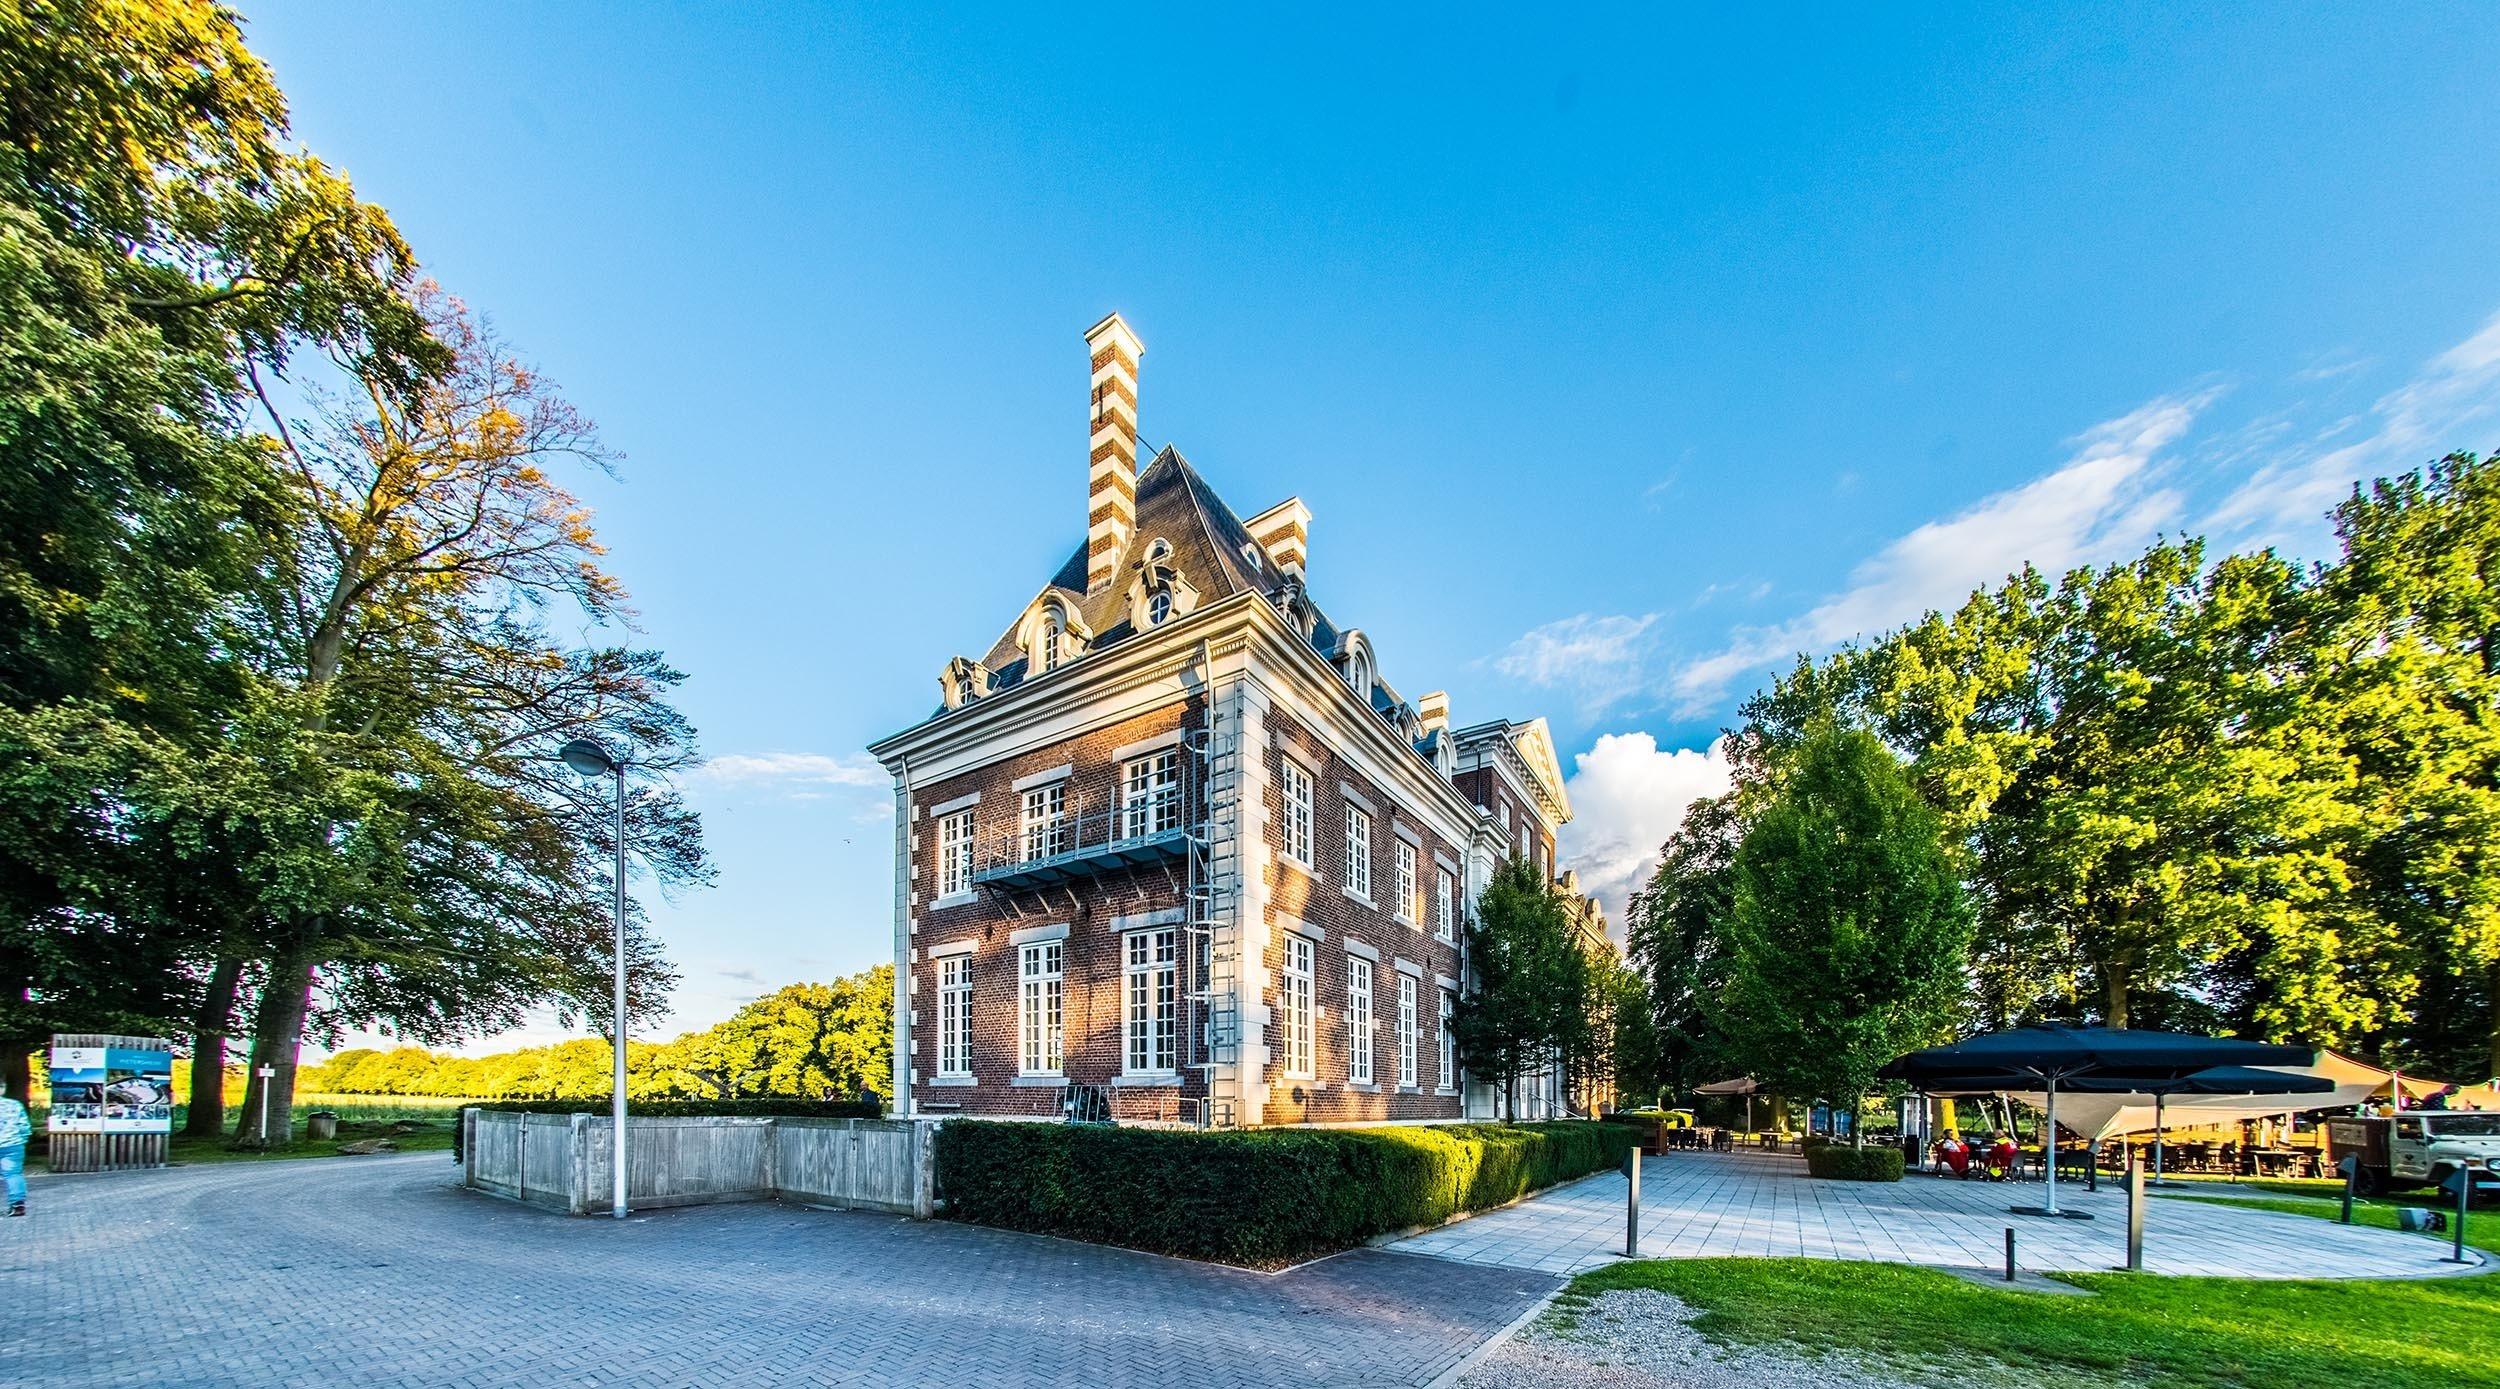 Verblijf 1, 2 of 3 nachten in een historisch kasteel in Belgisch Limburg nabij Maastricht